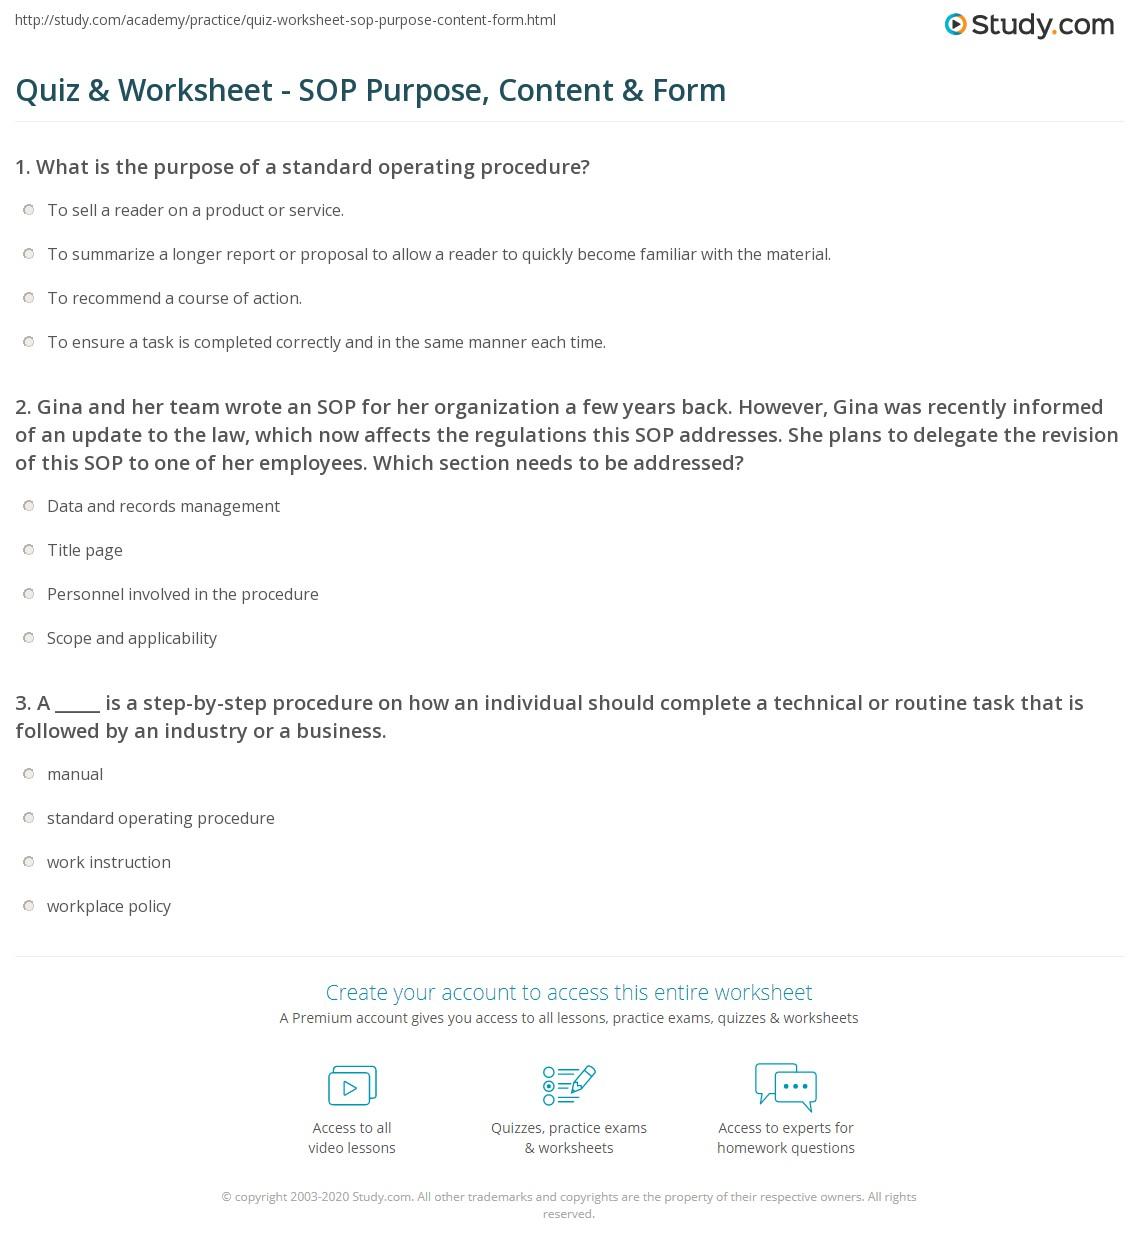 Quiz & Worksheet - SOP Purpose, Content & Form | Study.com